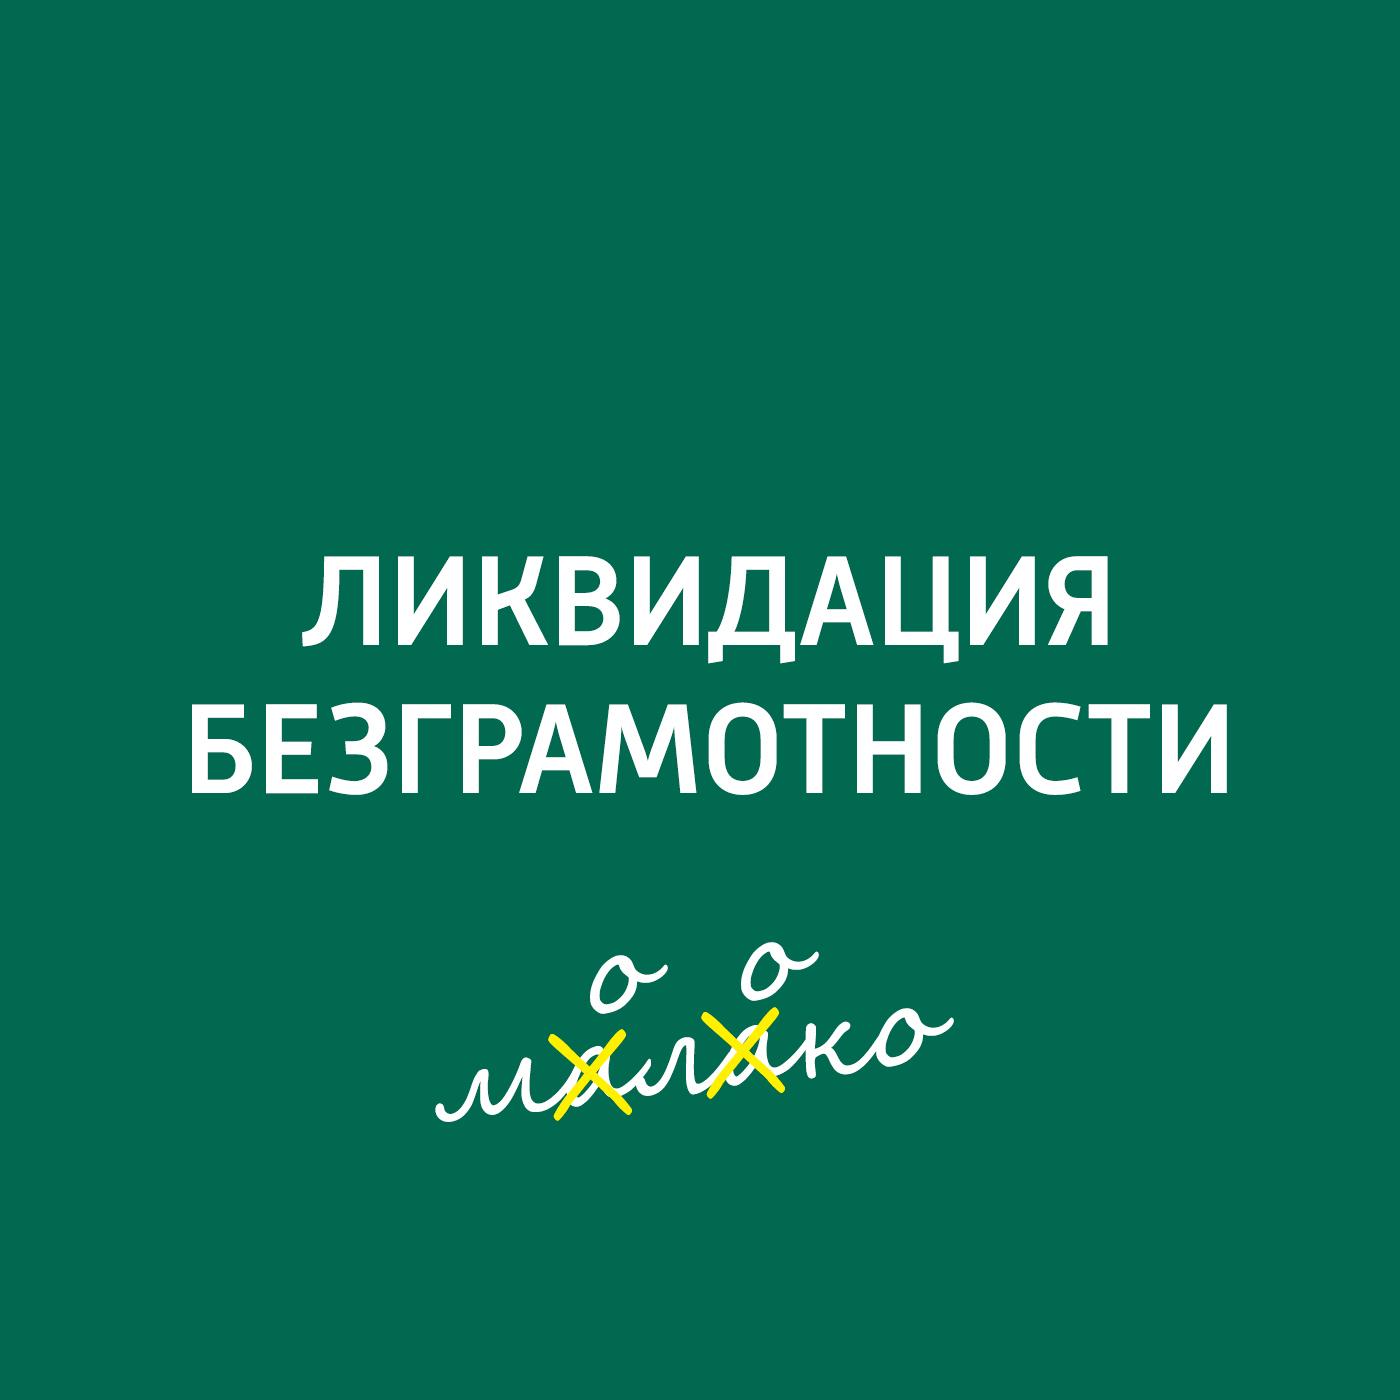 Творческий коллектив шоу «Сергей Стиллавин  его друзья» Экология языка: кто виноват  что делать?